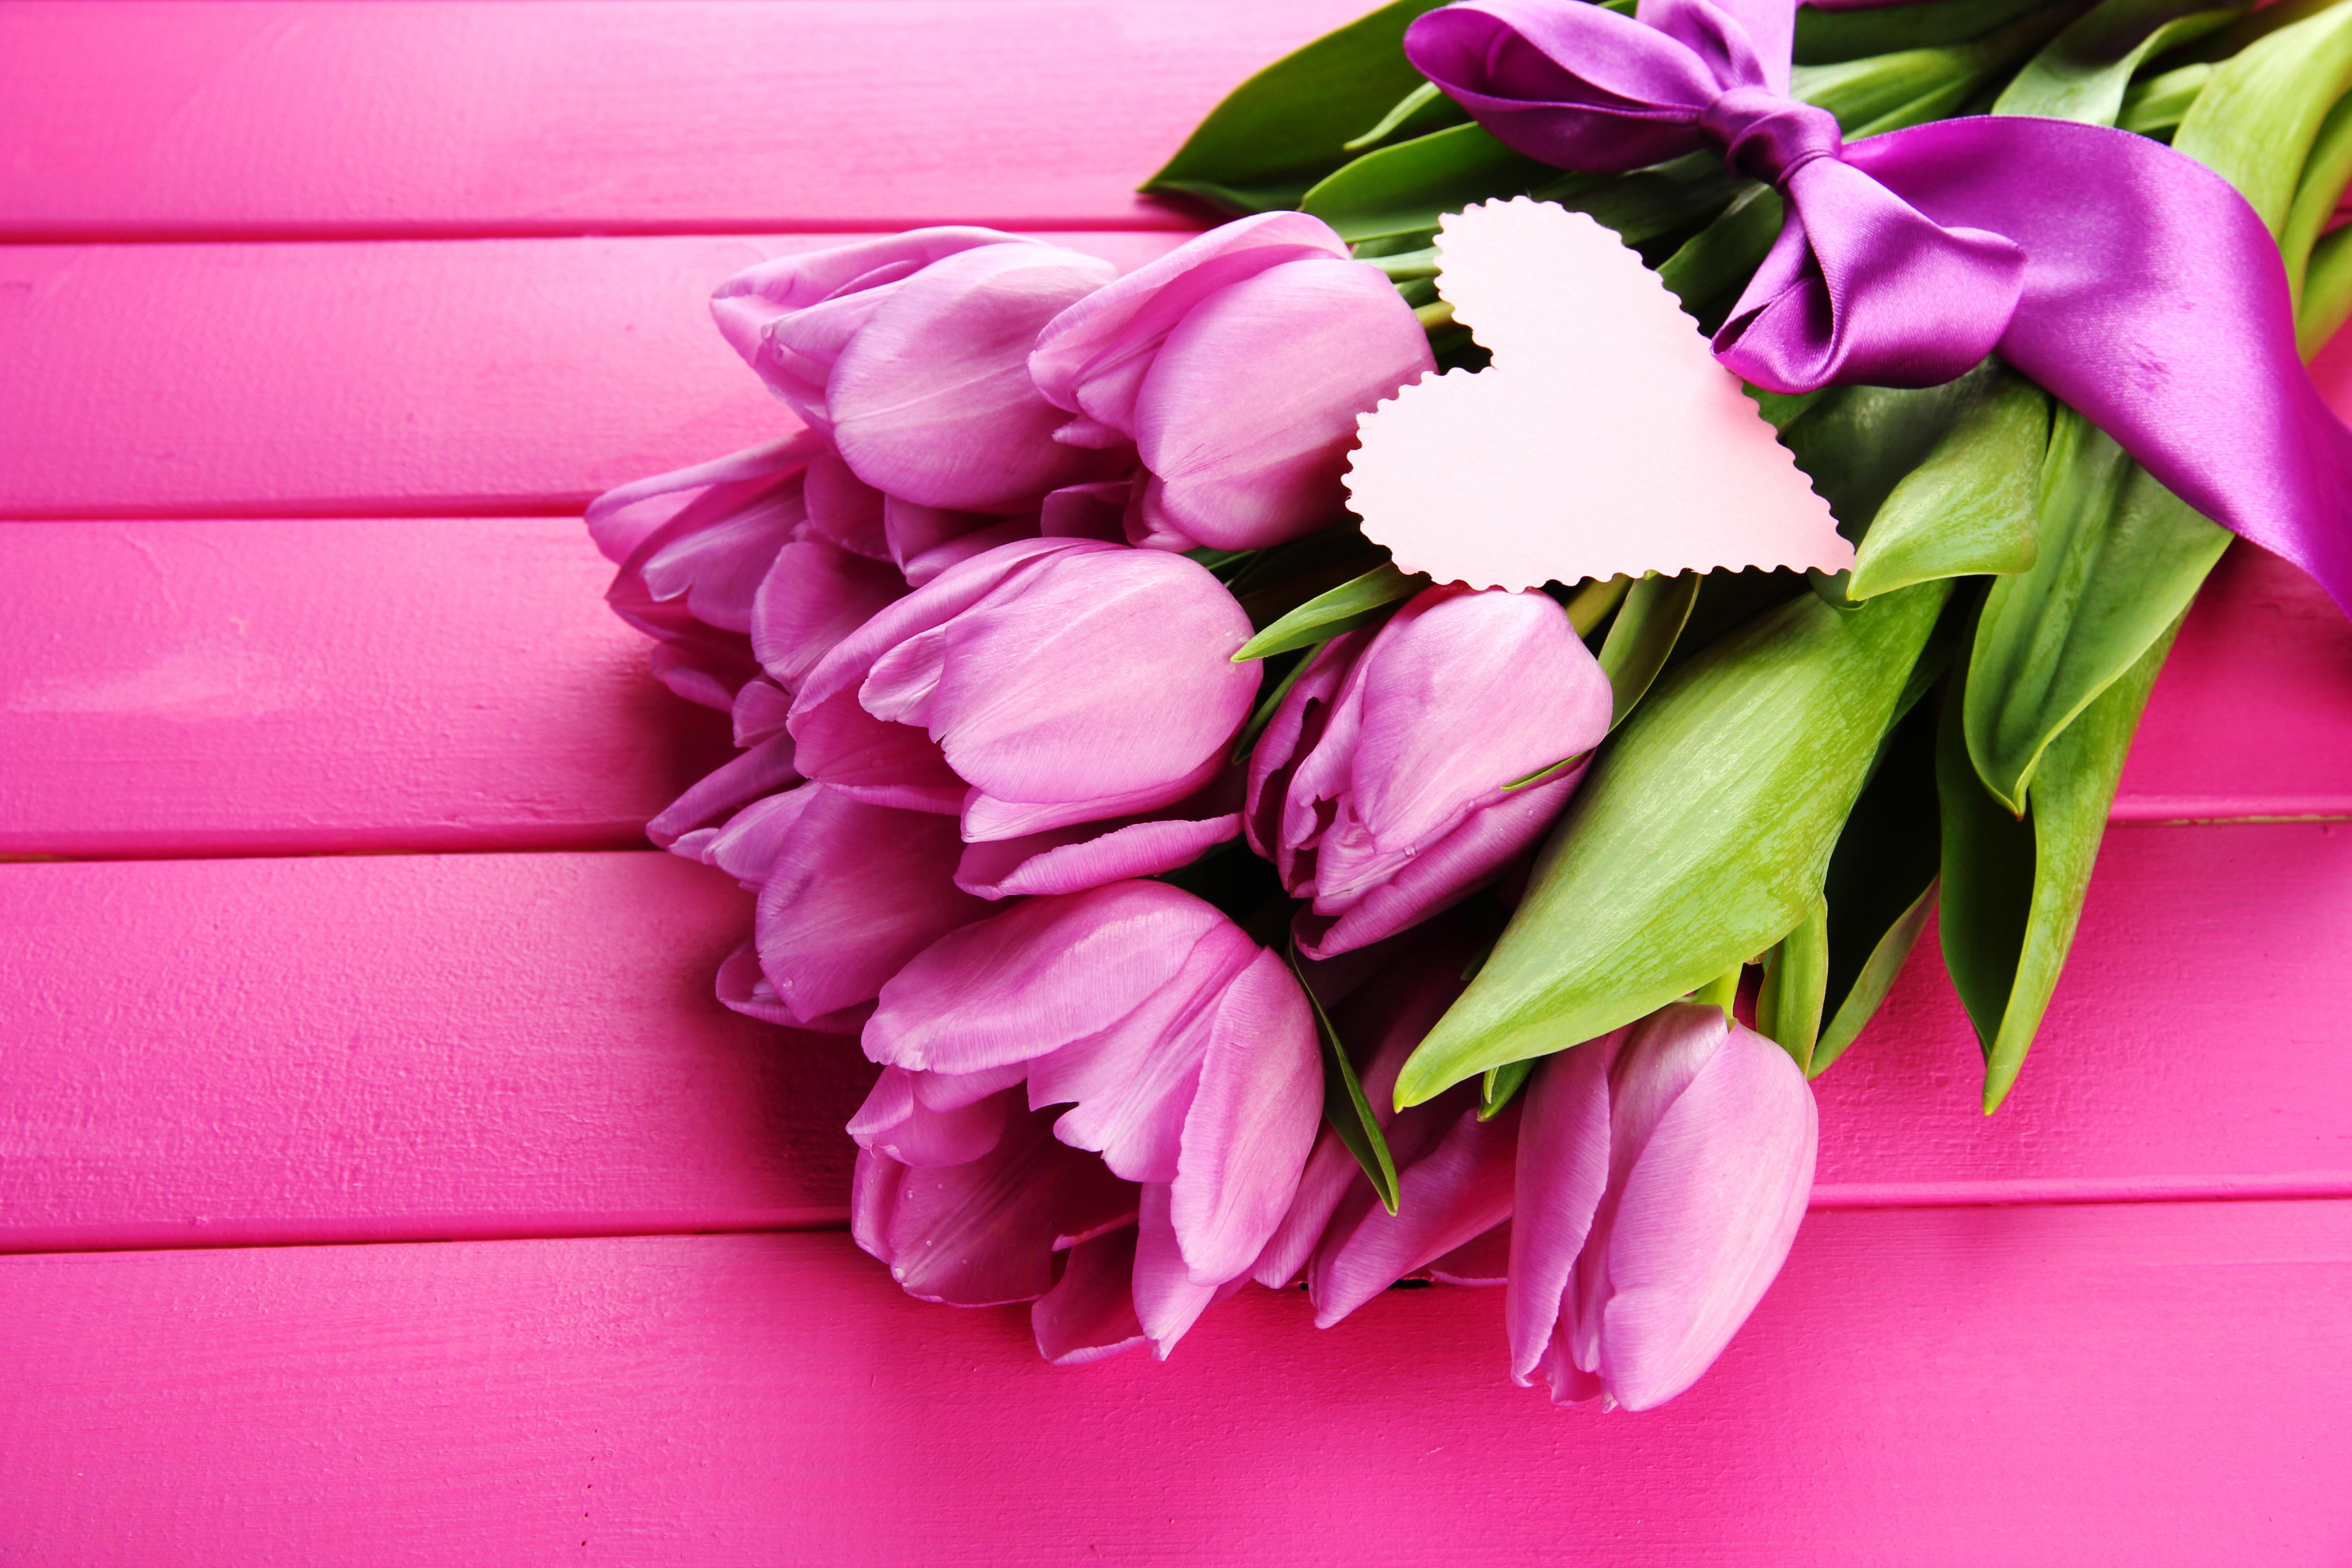 фото цветов в хорошем качестве: